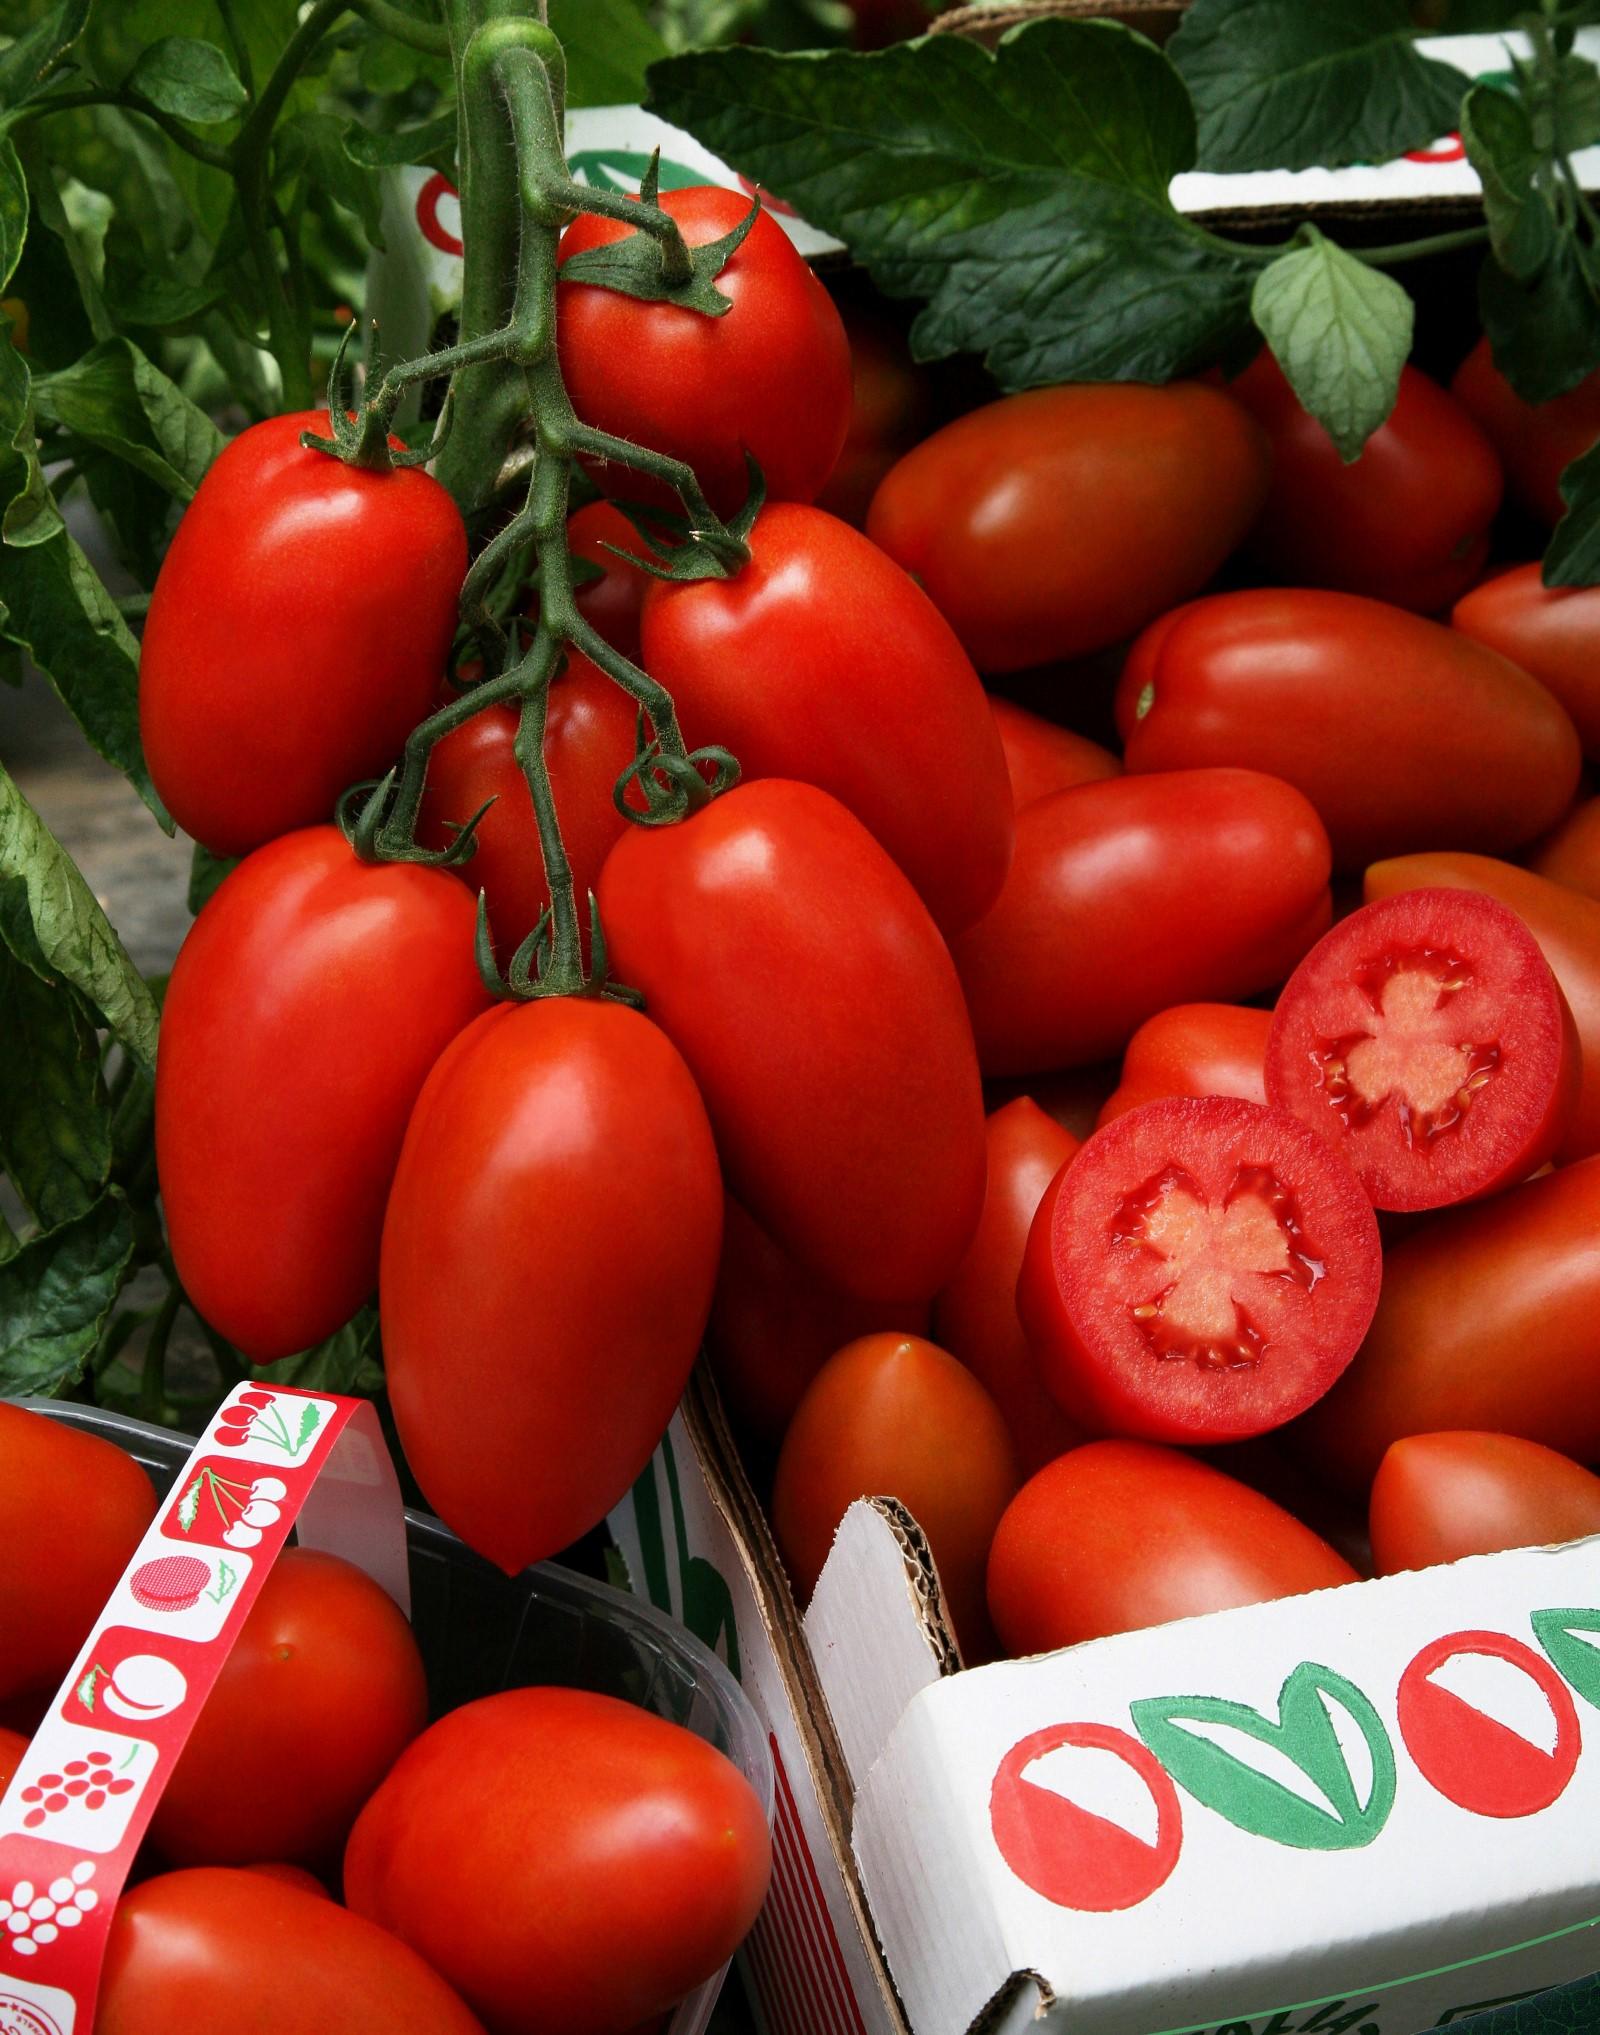 pomidory-dlya-teplits-foto-video-luchshie-novye-sorta-nazvaniya-opisanie-5